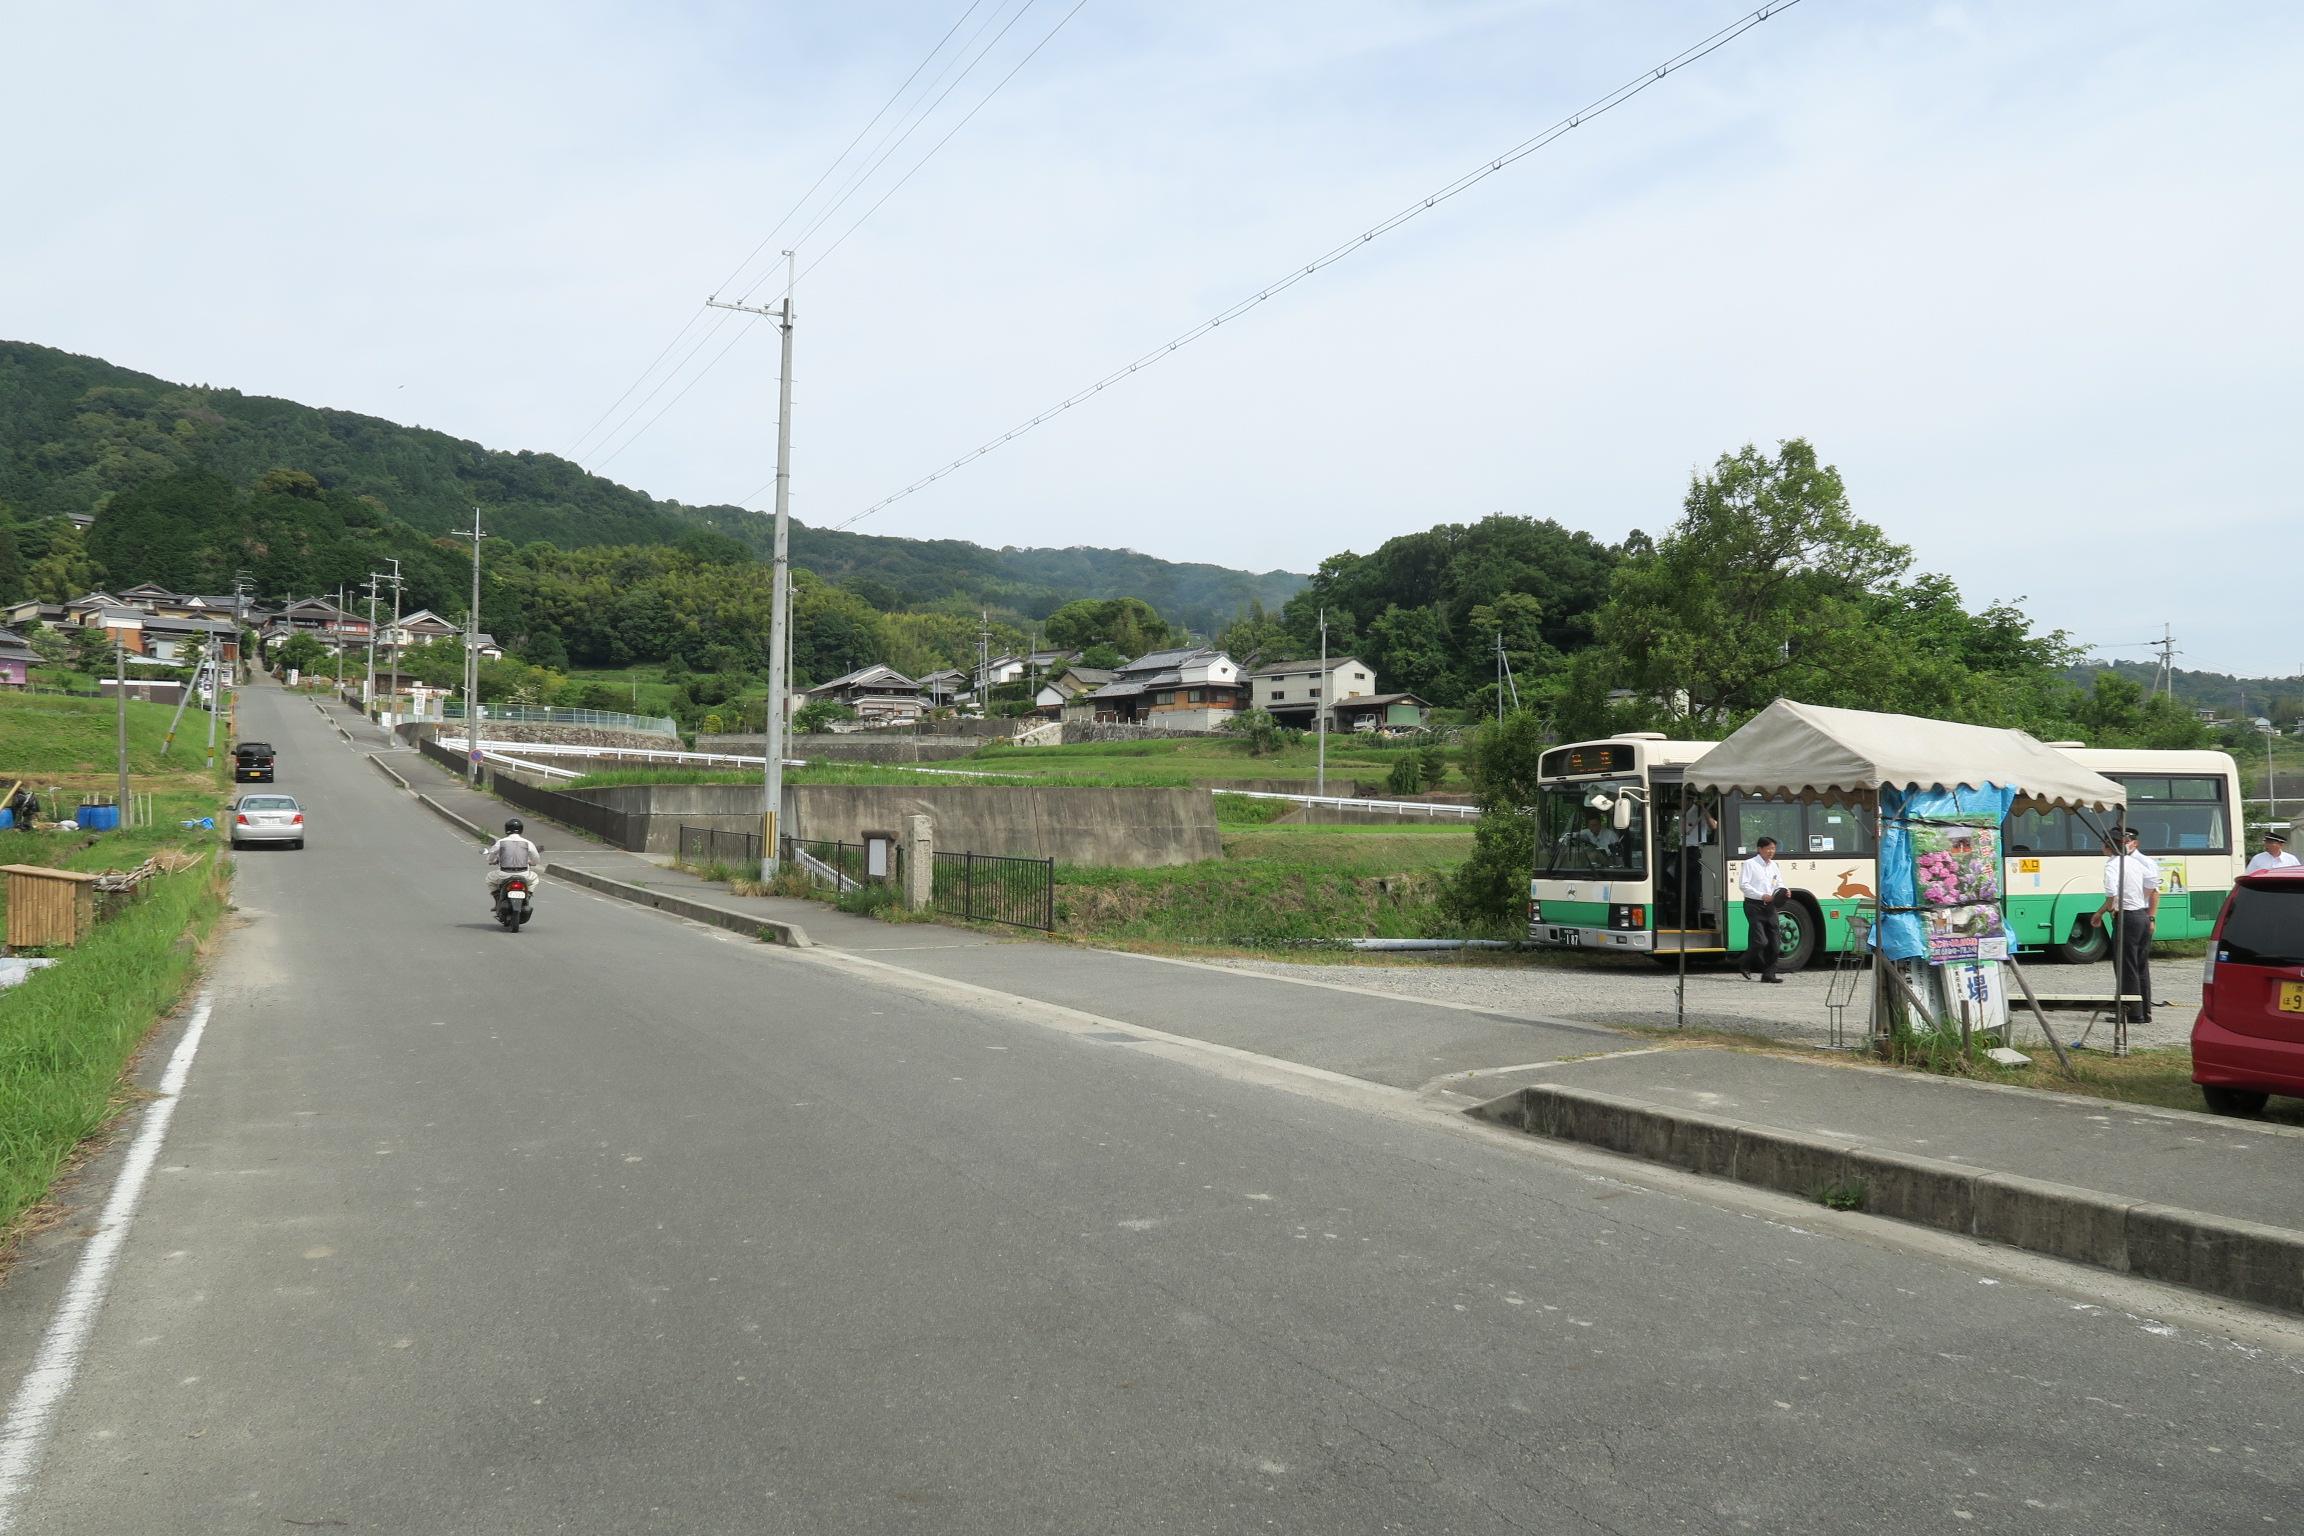 矢田寺のバス停。この通りを真っ直ぐに進むと矢田寺があります。